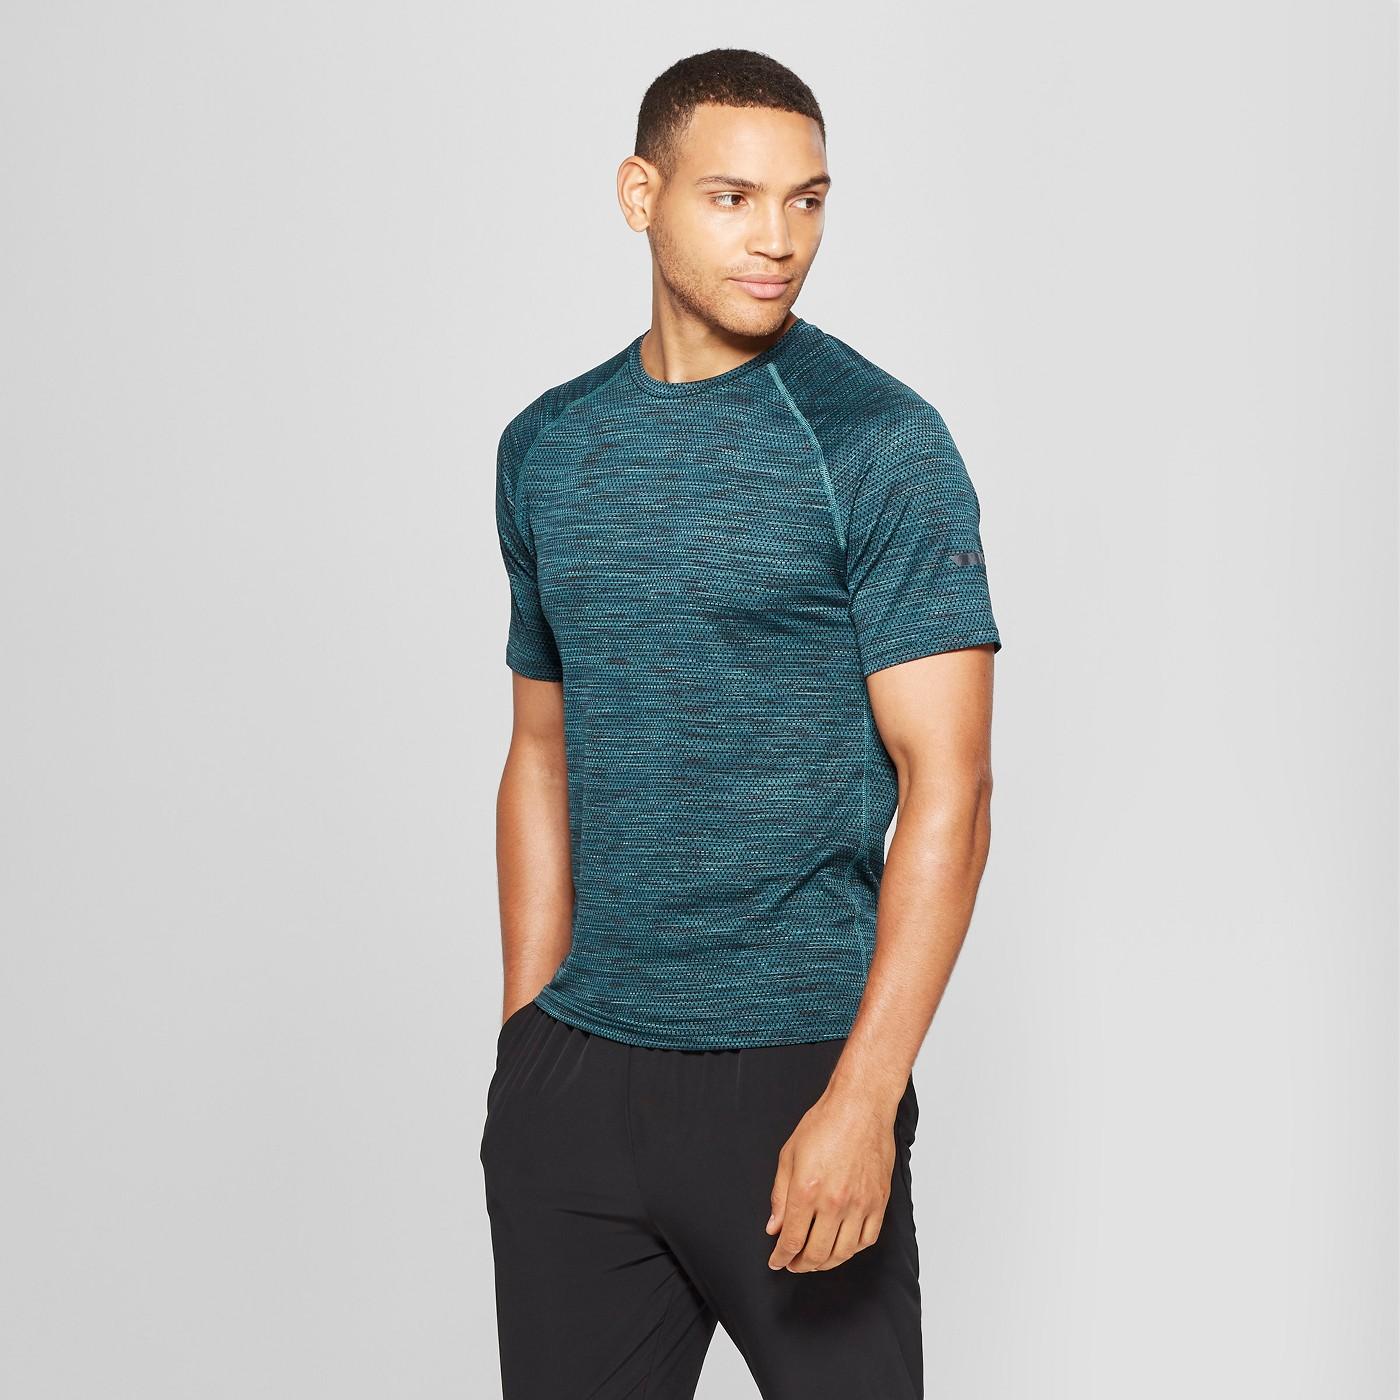 Man models green compression shirt.